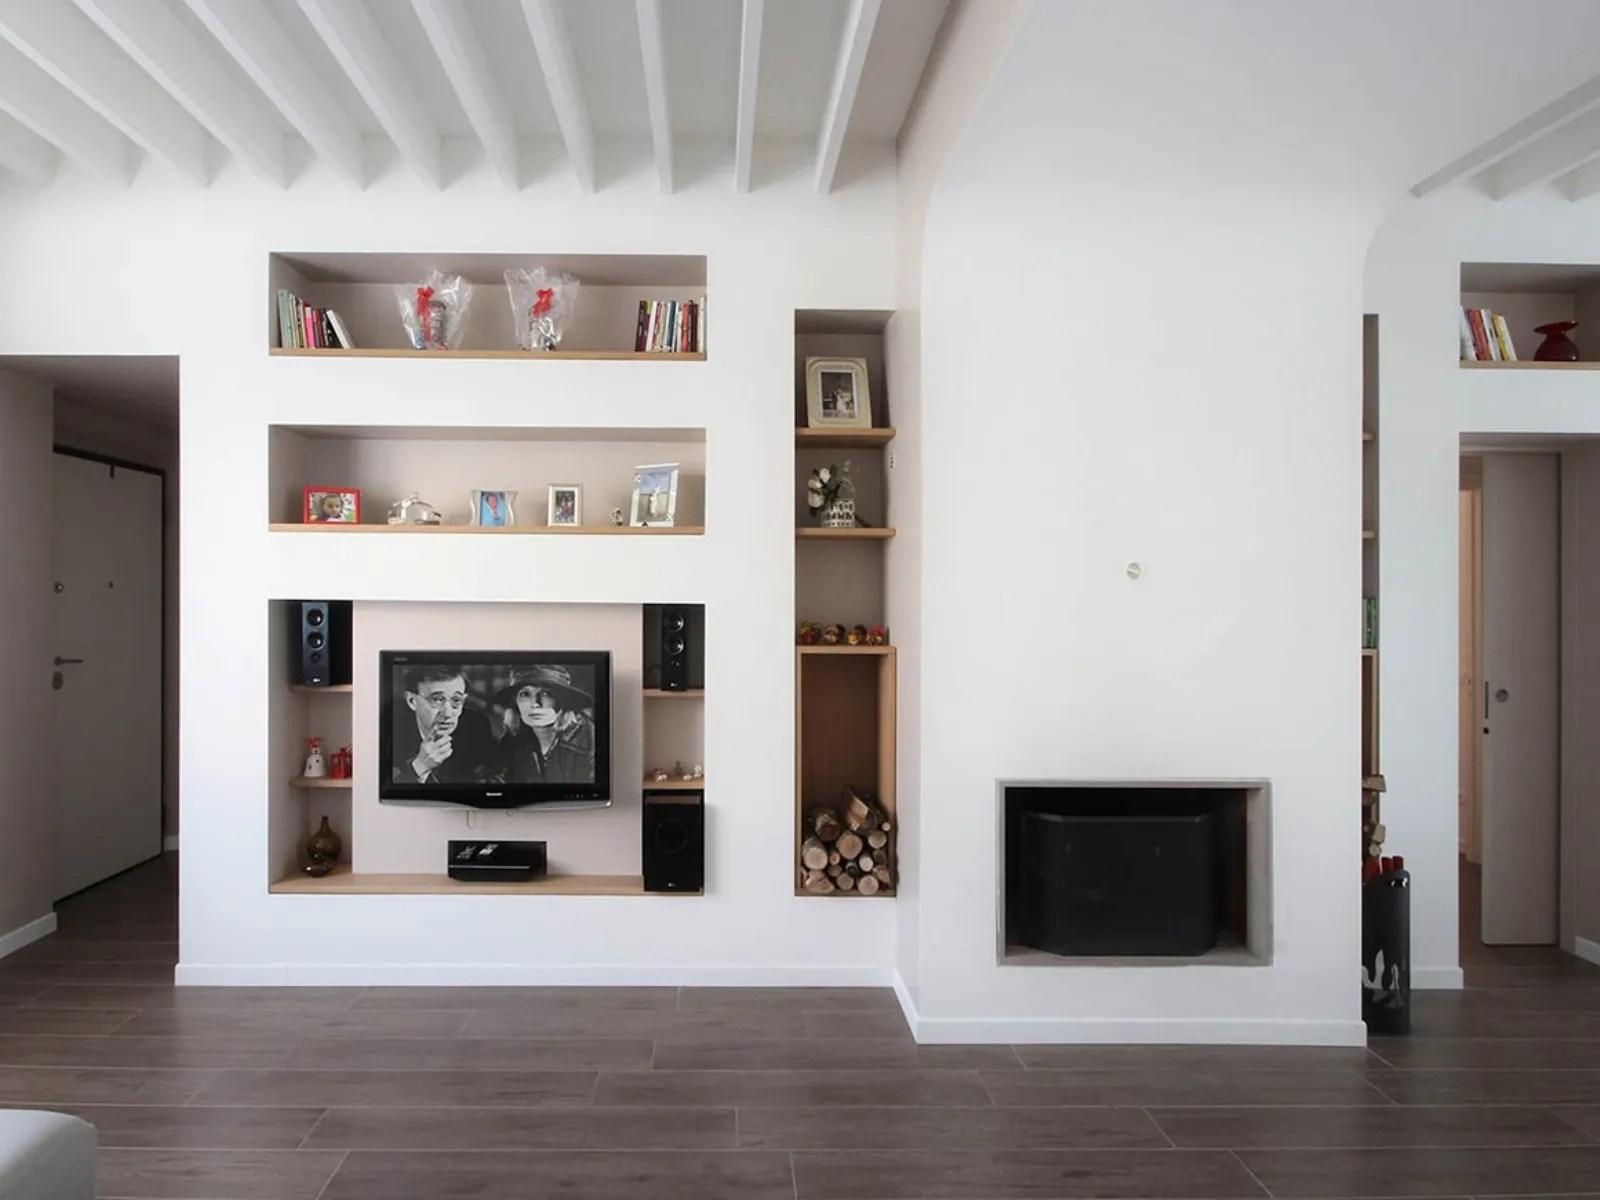 3) librerie e pareti attrezzate in cartongesso. Ispirazioni E Consigli Su Come Utilizzare Le Pareti Attrezzate In Cartongesso